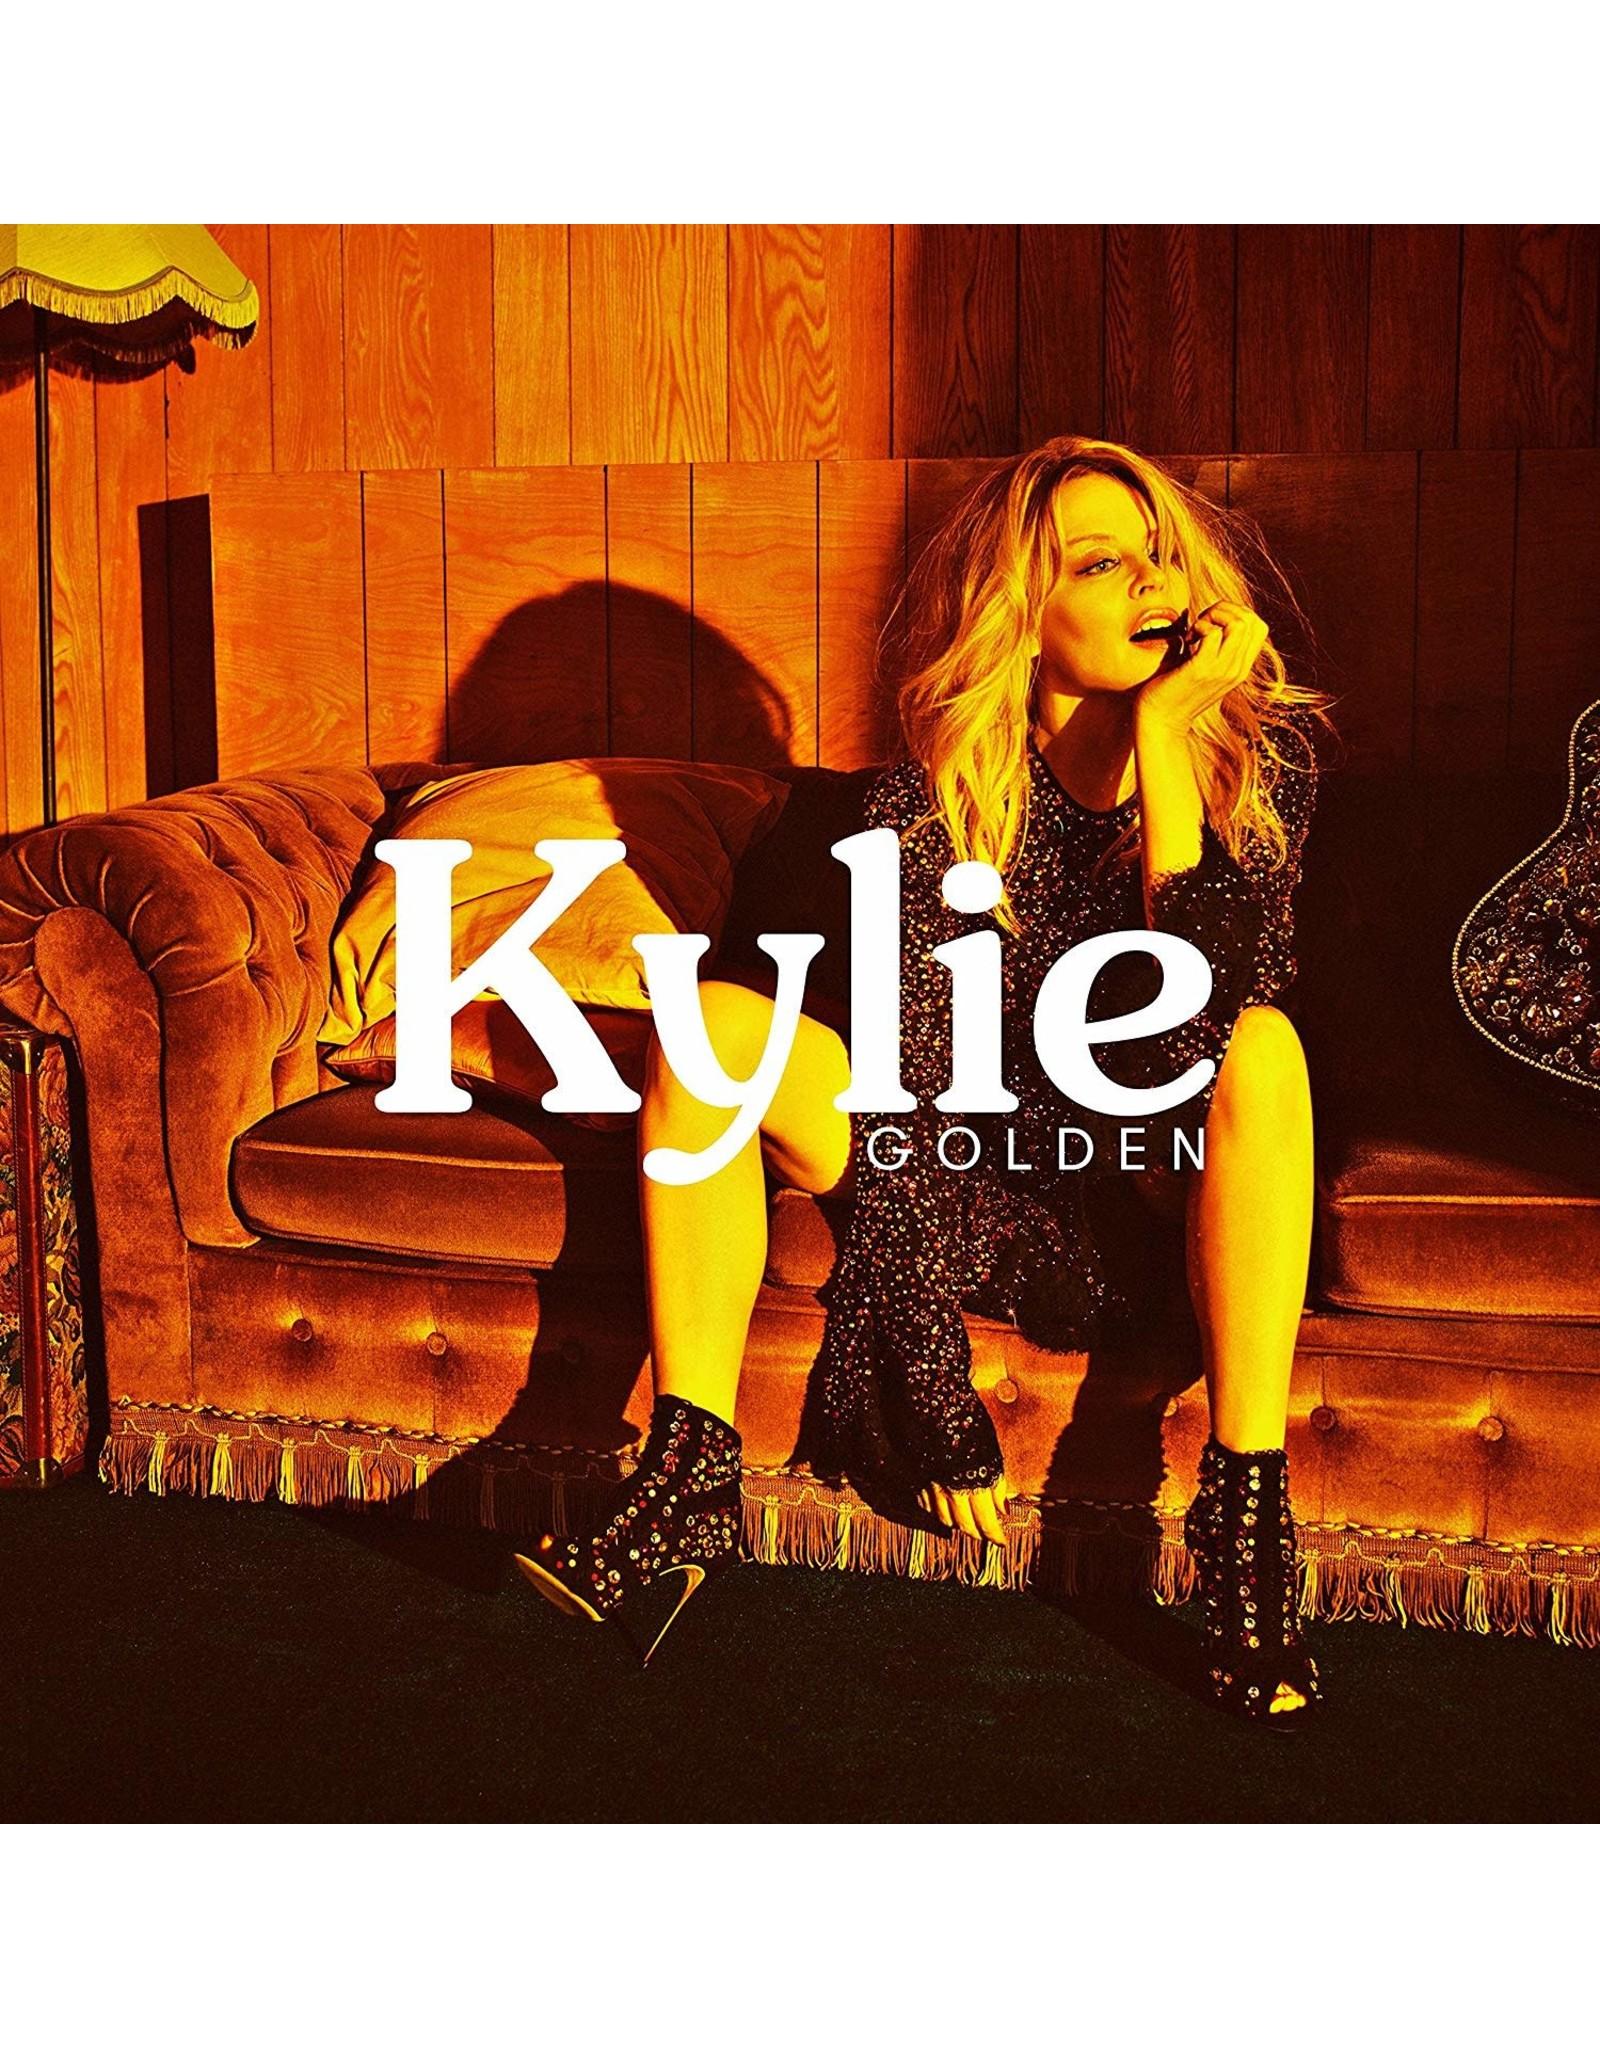 Kylie Minogue - Golden